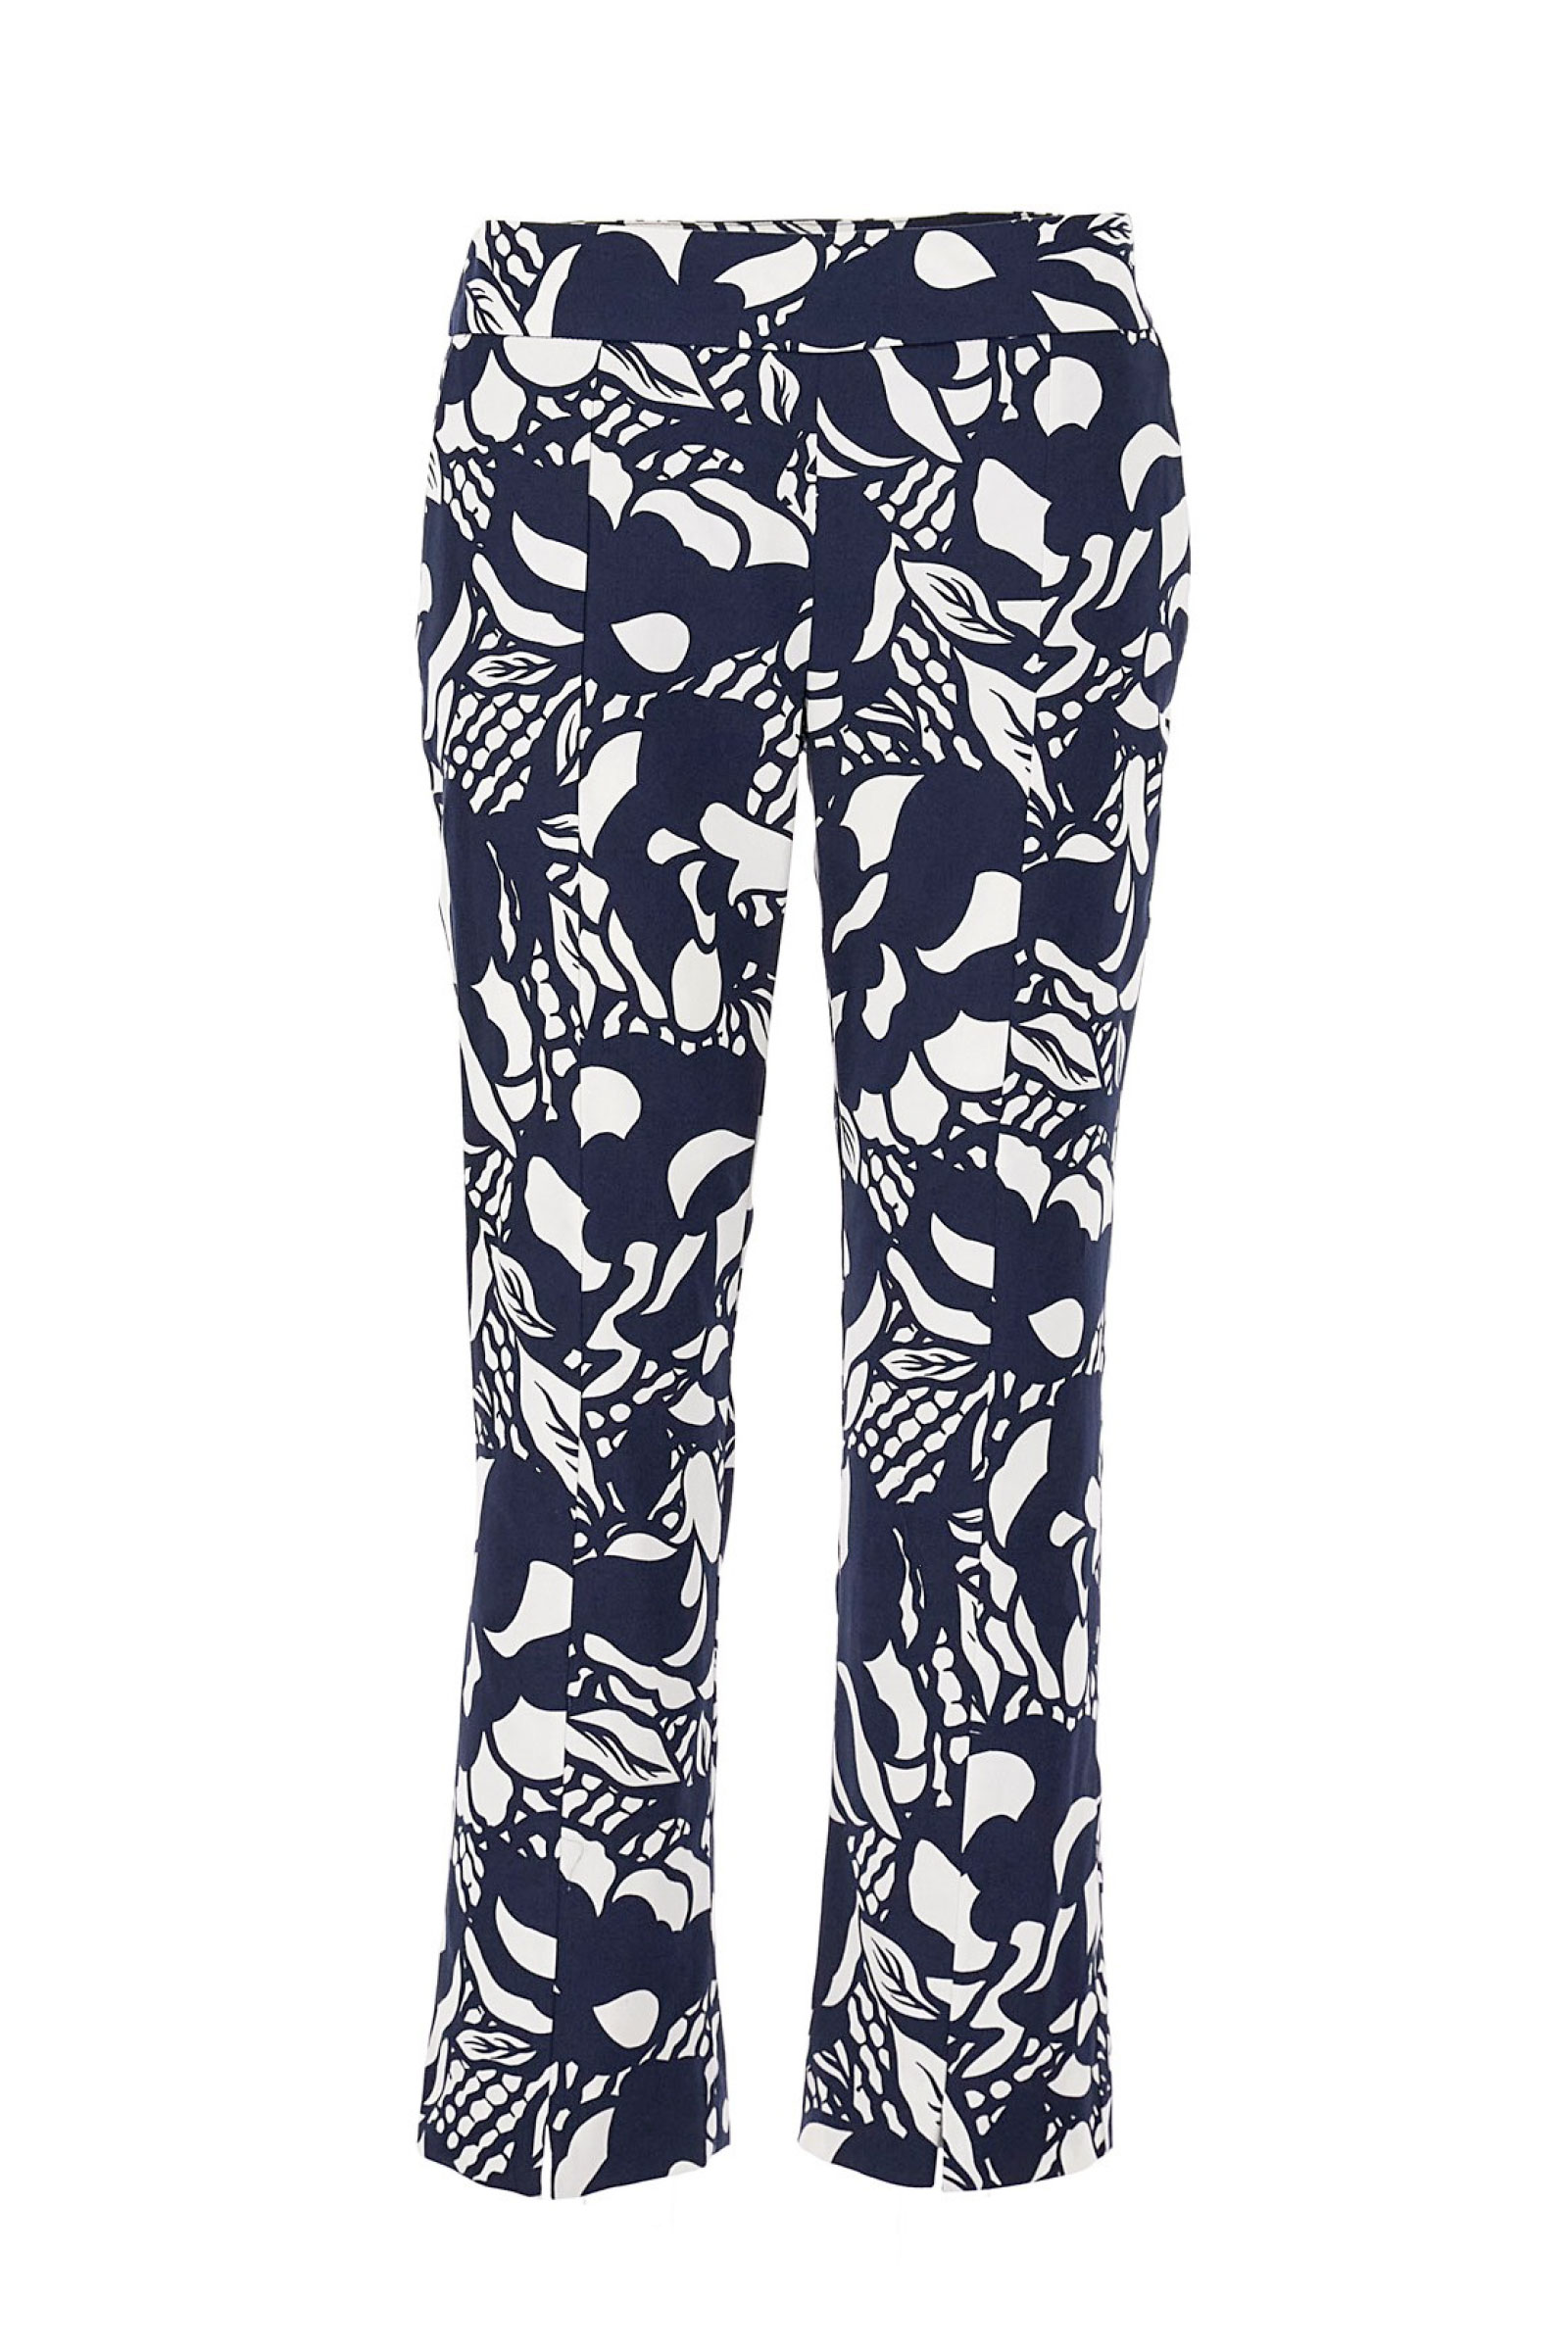 EMME MARELLA Pantalone Modello ORACOLO EMME MARELLA | Pantalone | 51310614000001